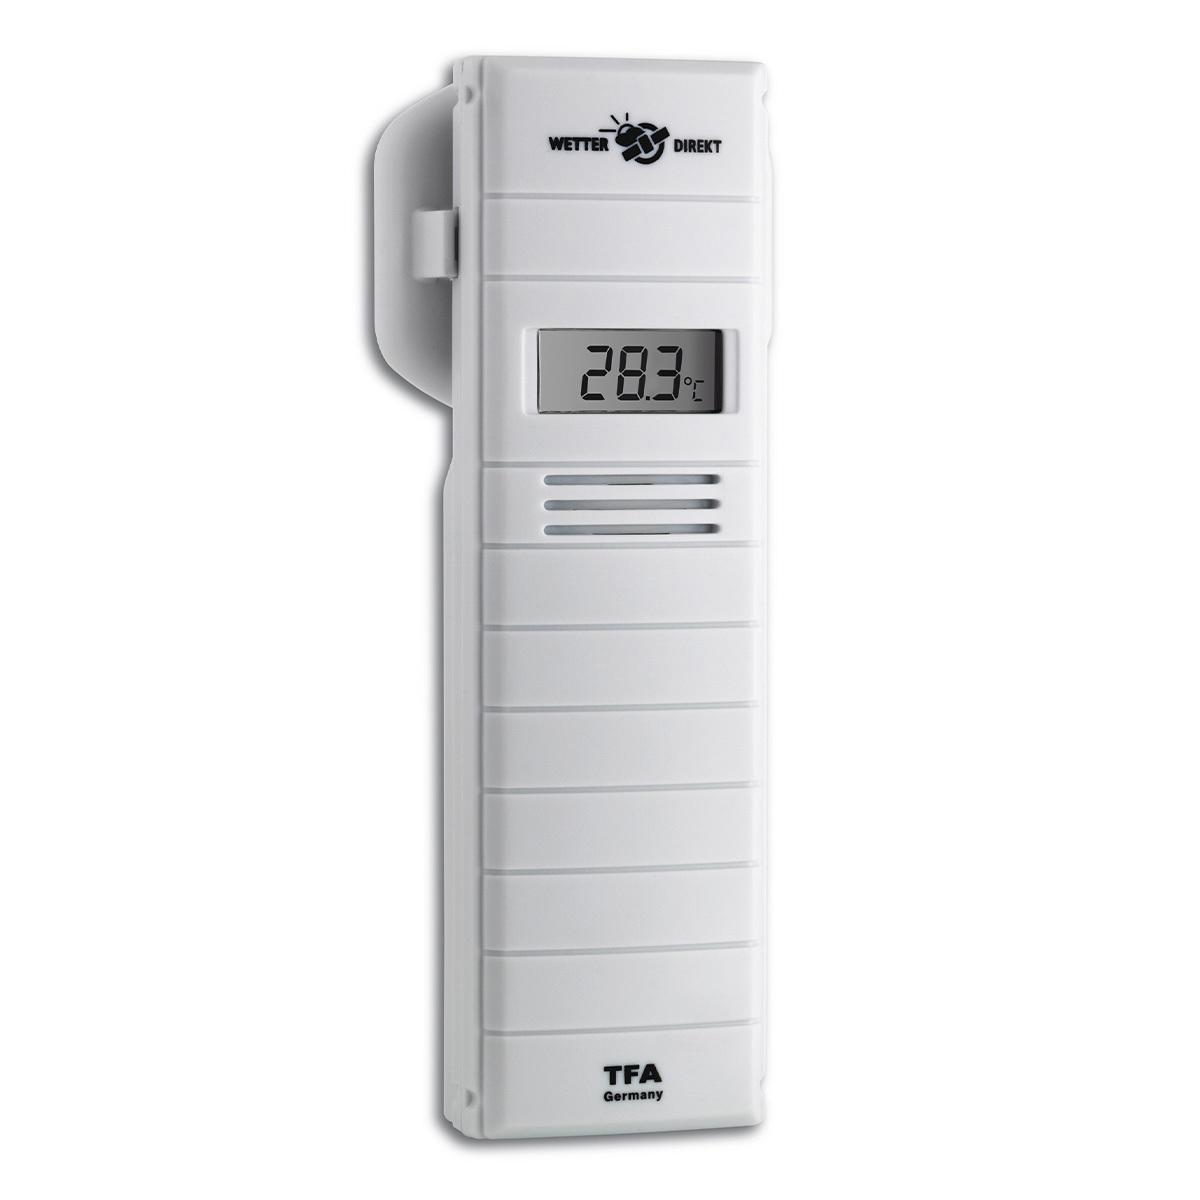 30-3155-wd-thermo-hygro-sender-wetterdirekt-ansicht1-1200x1200px.jpg